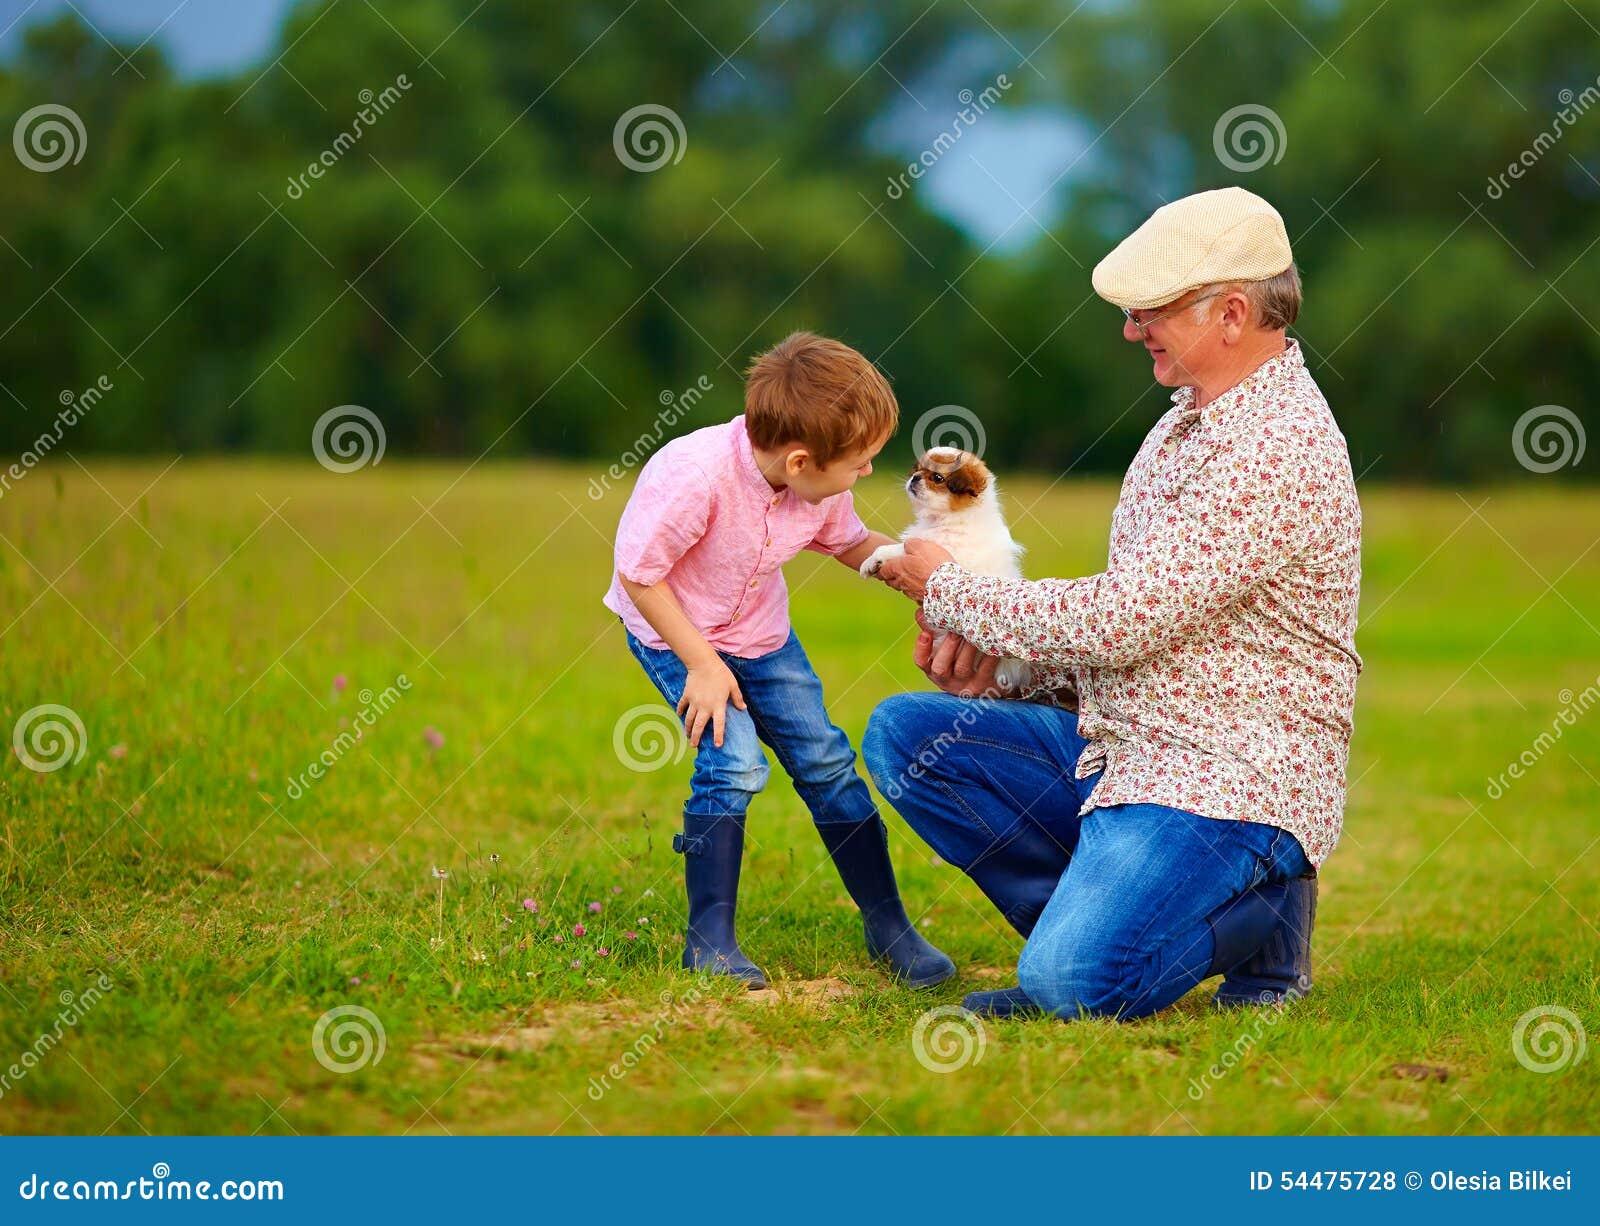 Nonno che presenta piccolo cucciolo al nipote, giocante con il cane